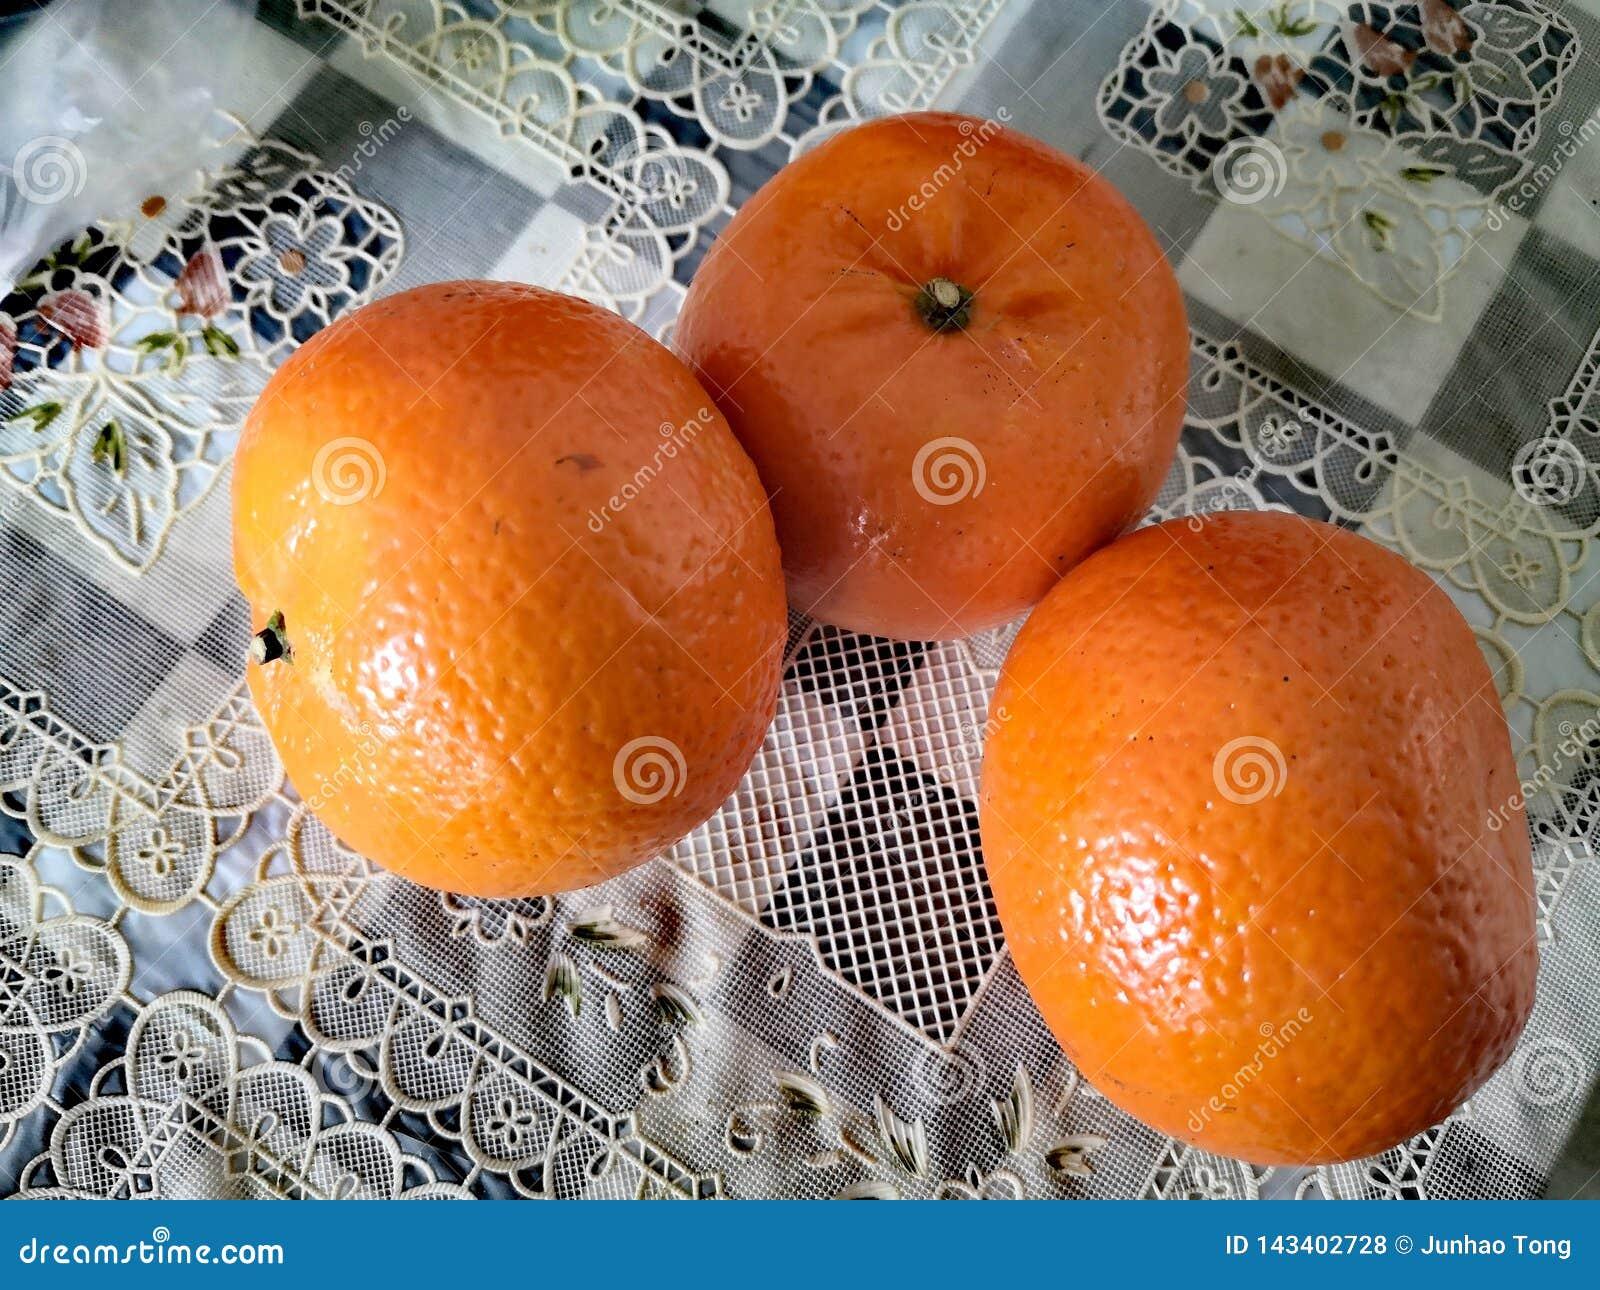 Denna apelsin är en kinesisk frukt